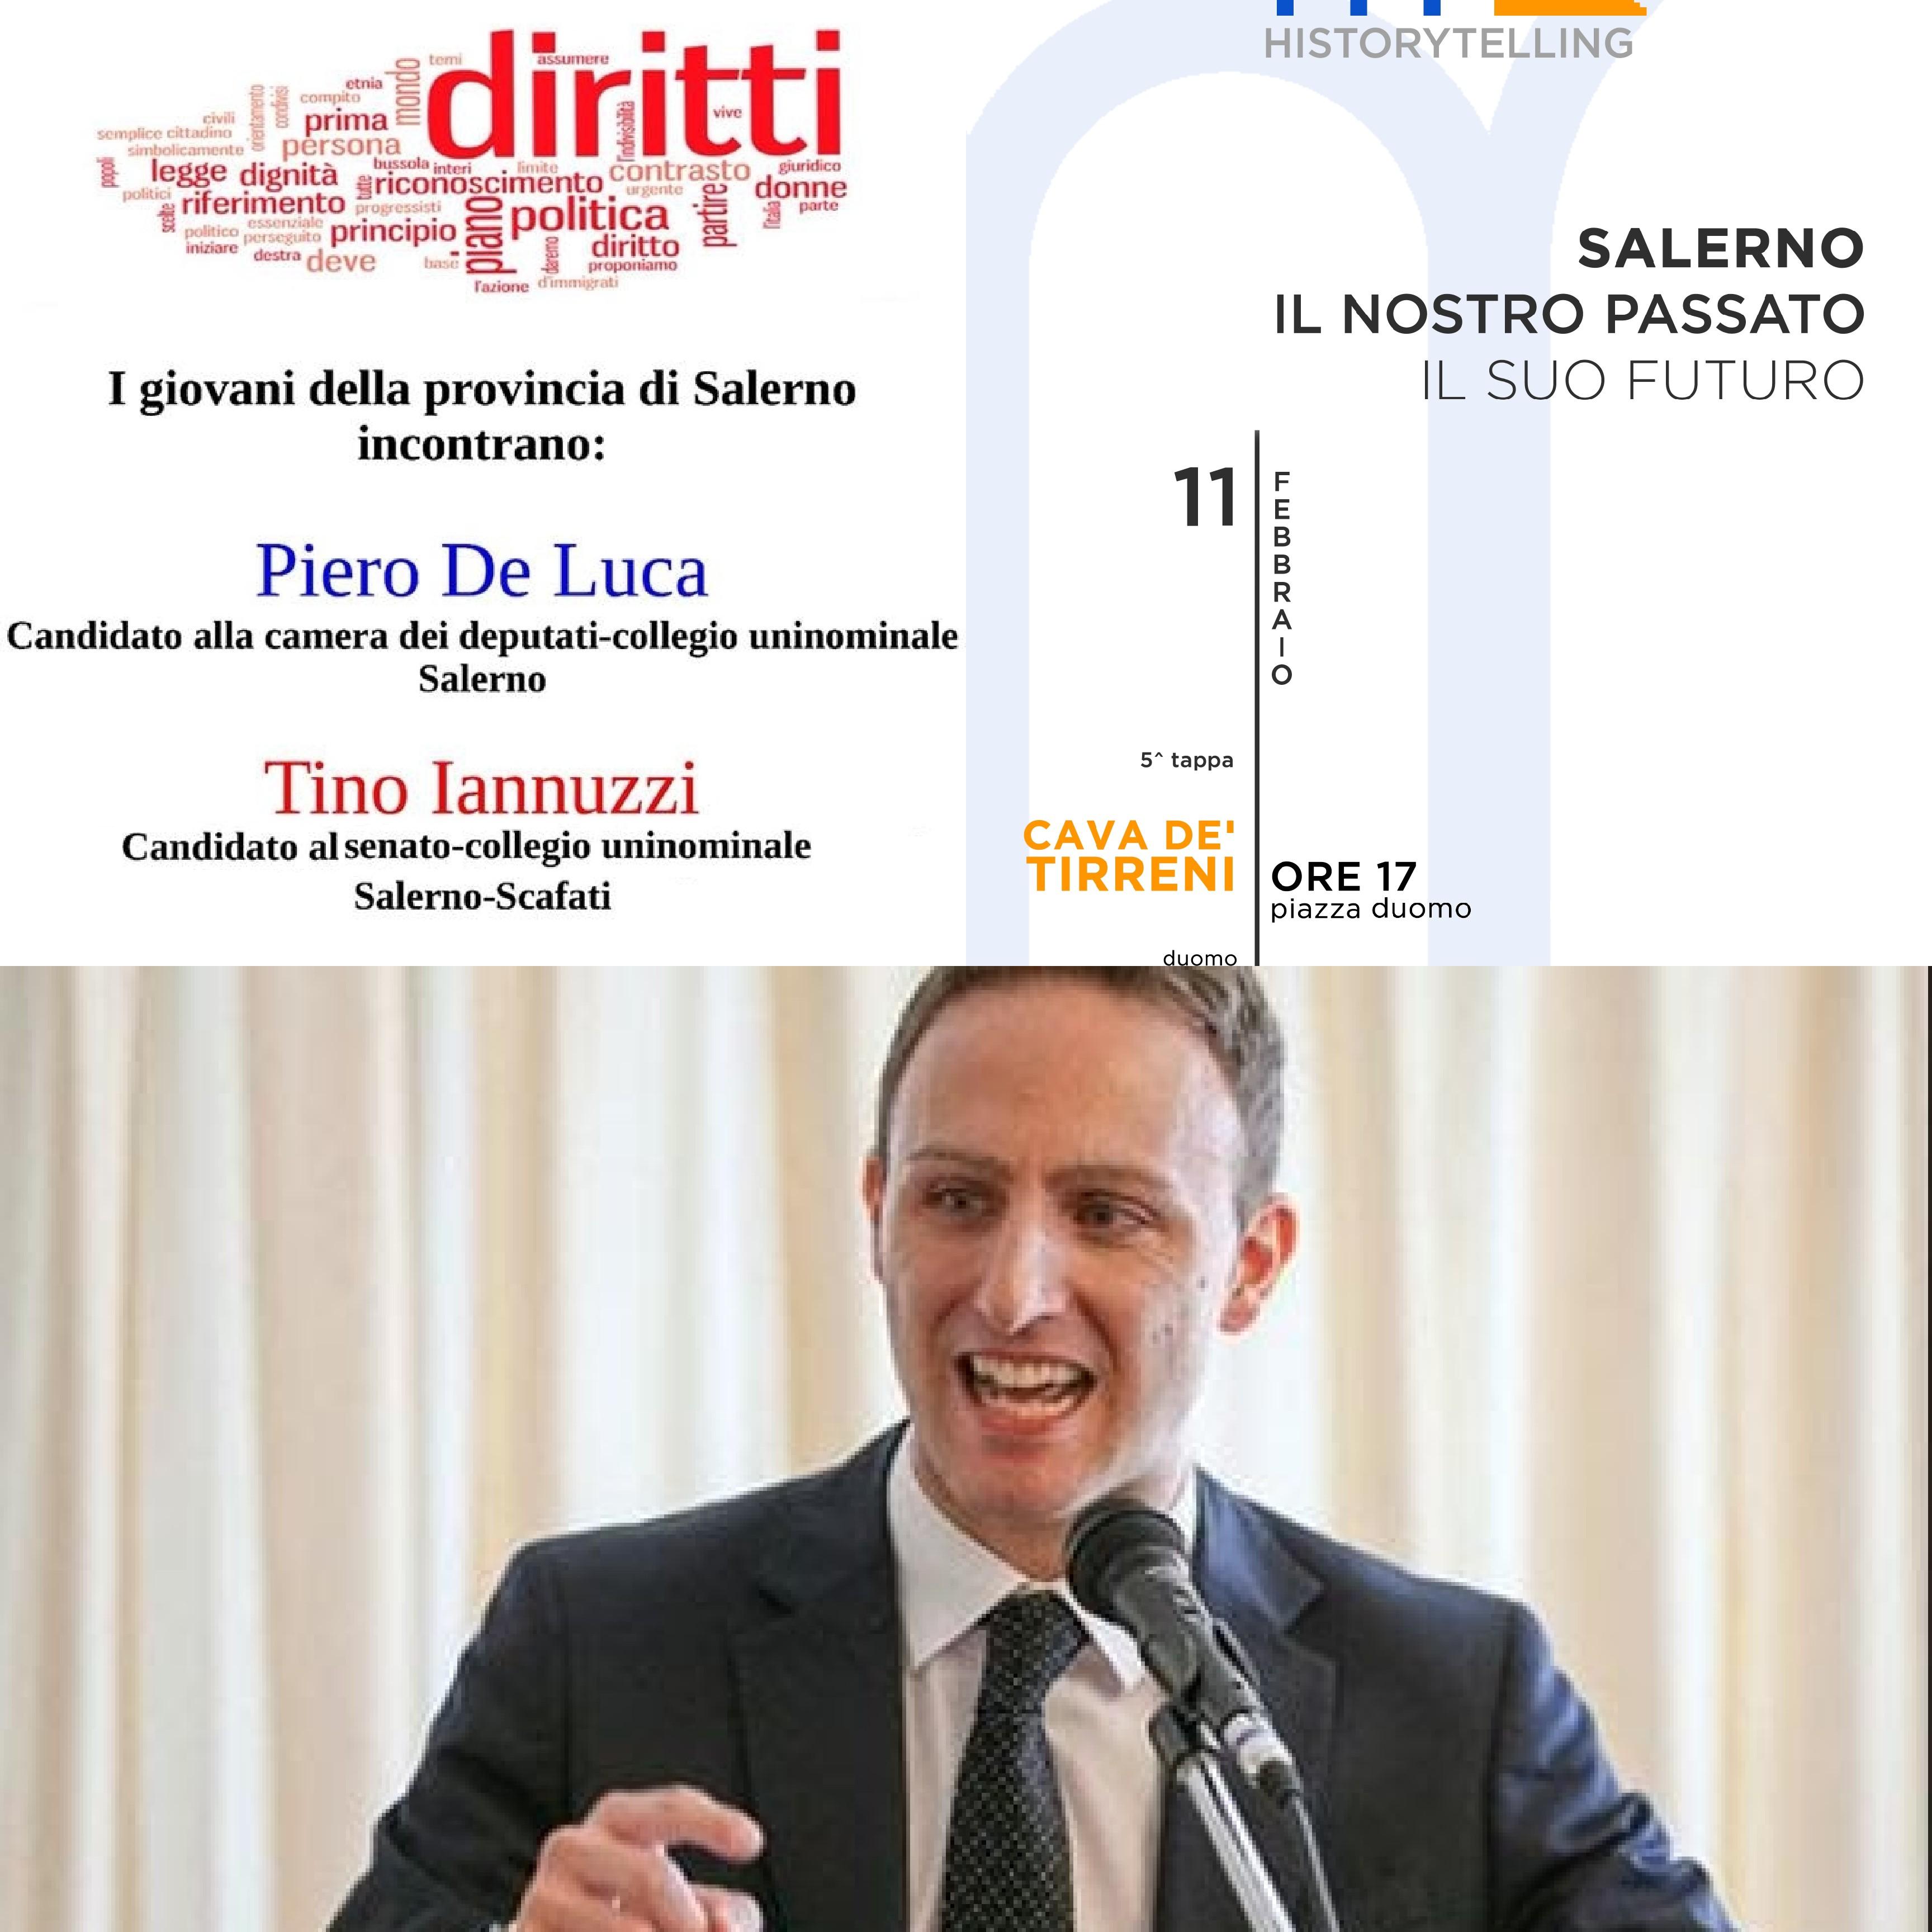 Piero De Luca-Cava dei Tirreni